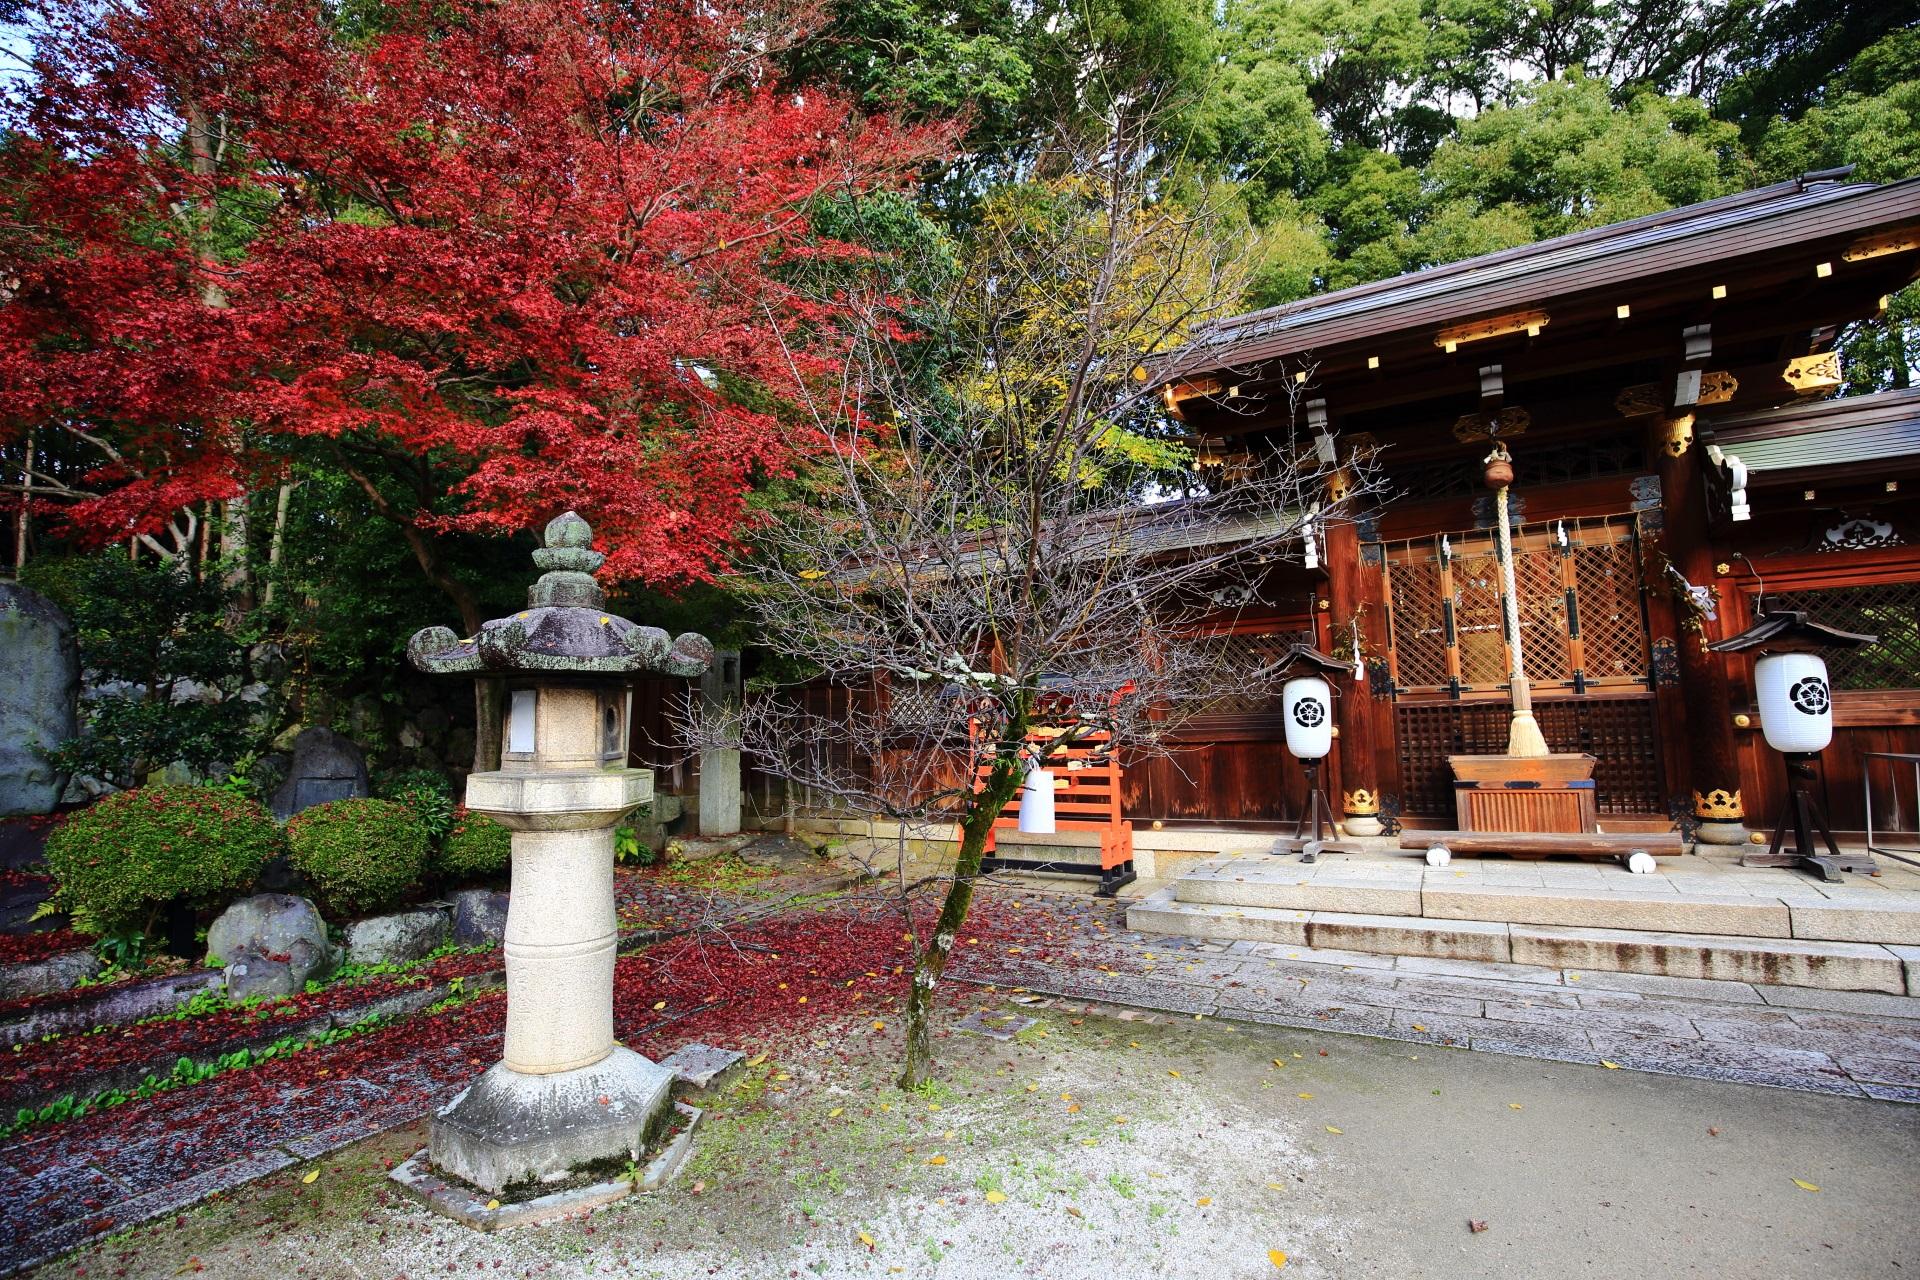 今宮神社の疫社と見事な色づきの鮮やかな紅葉